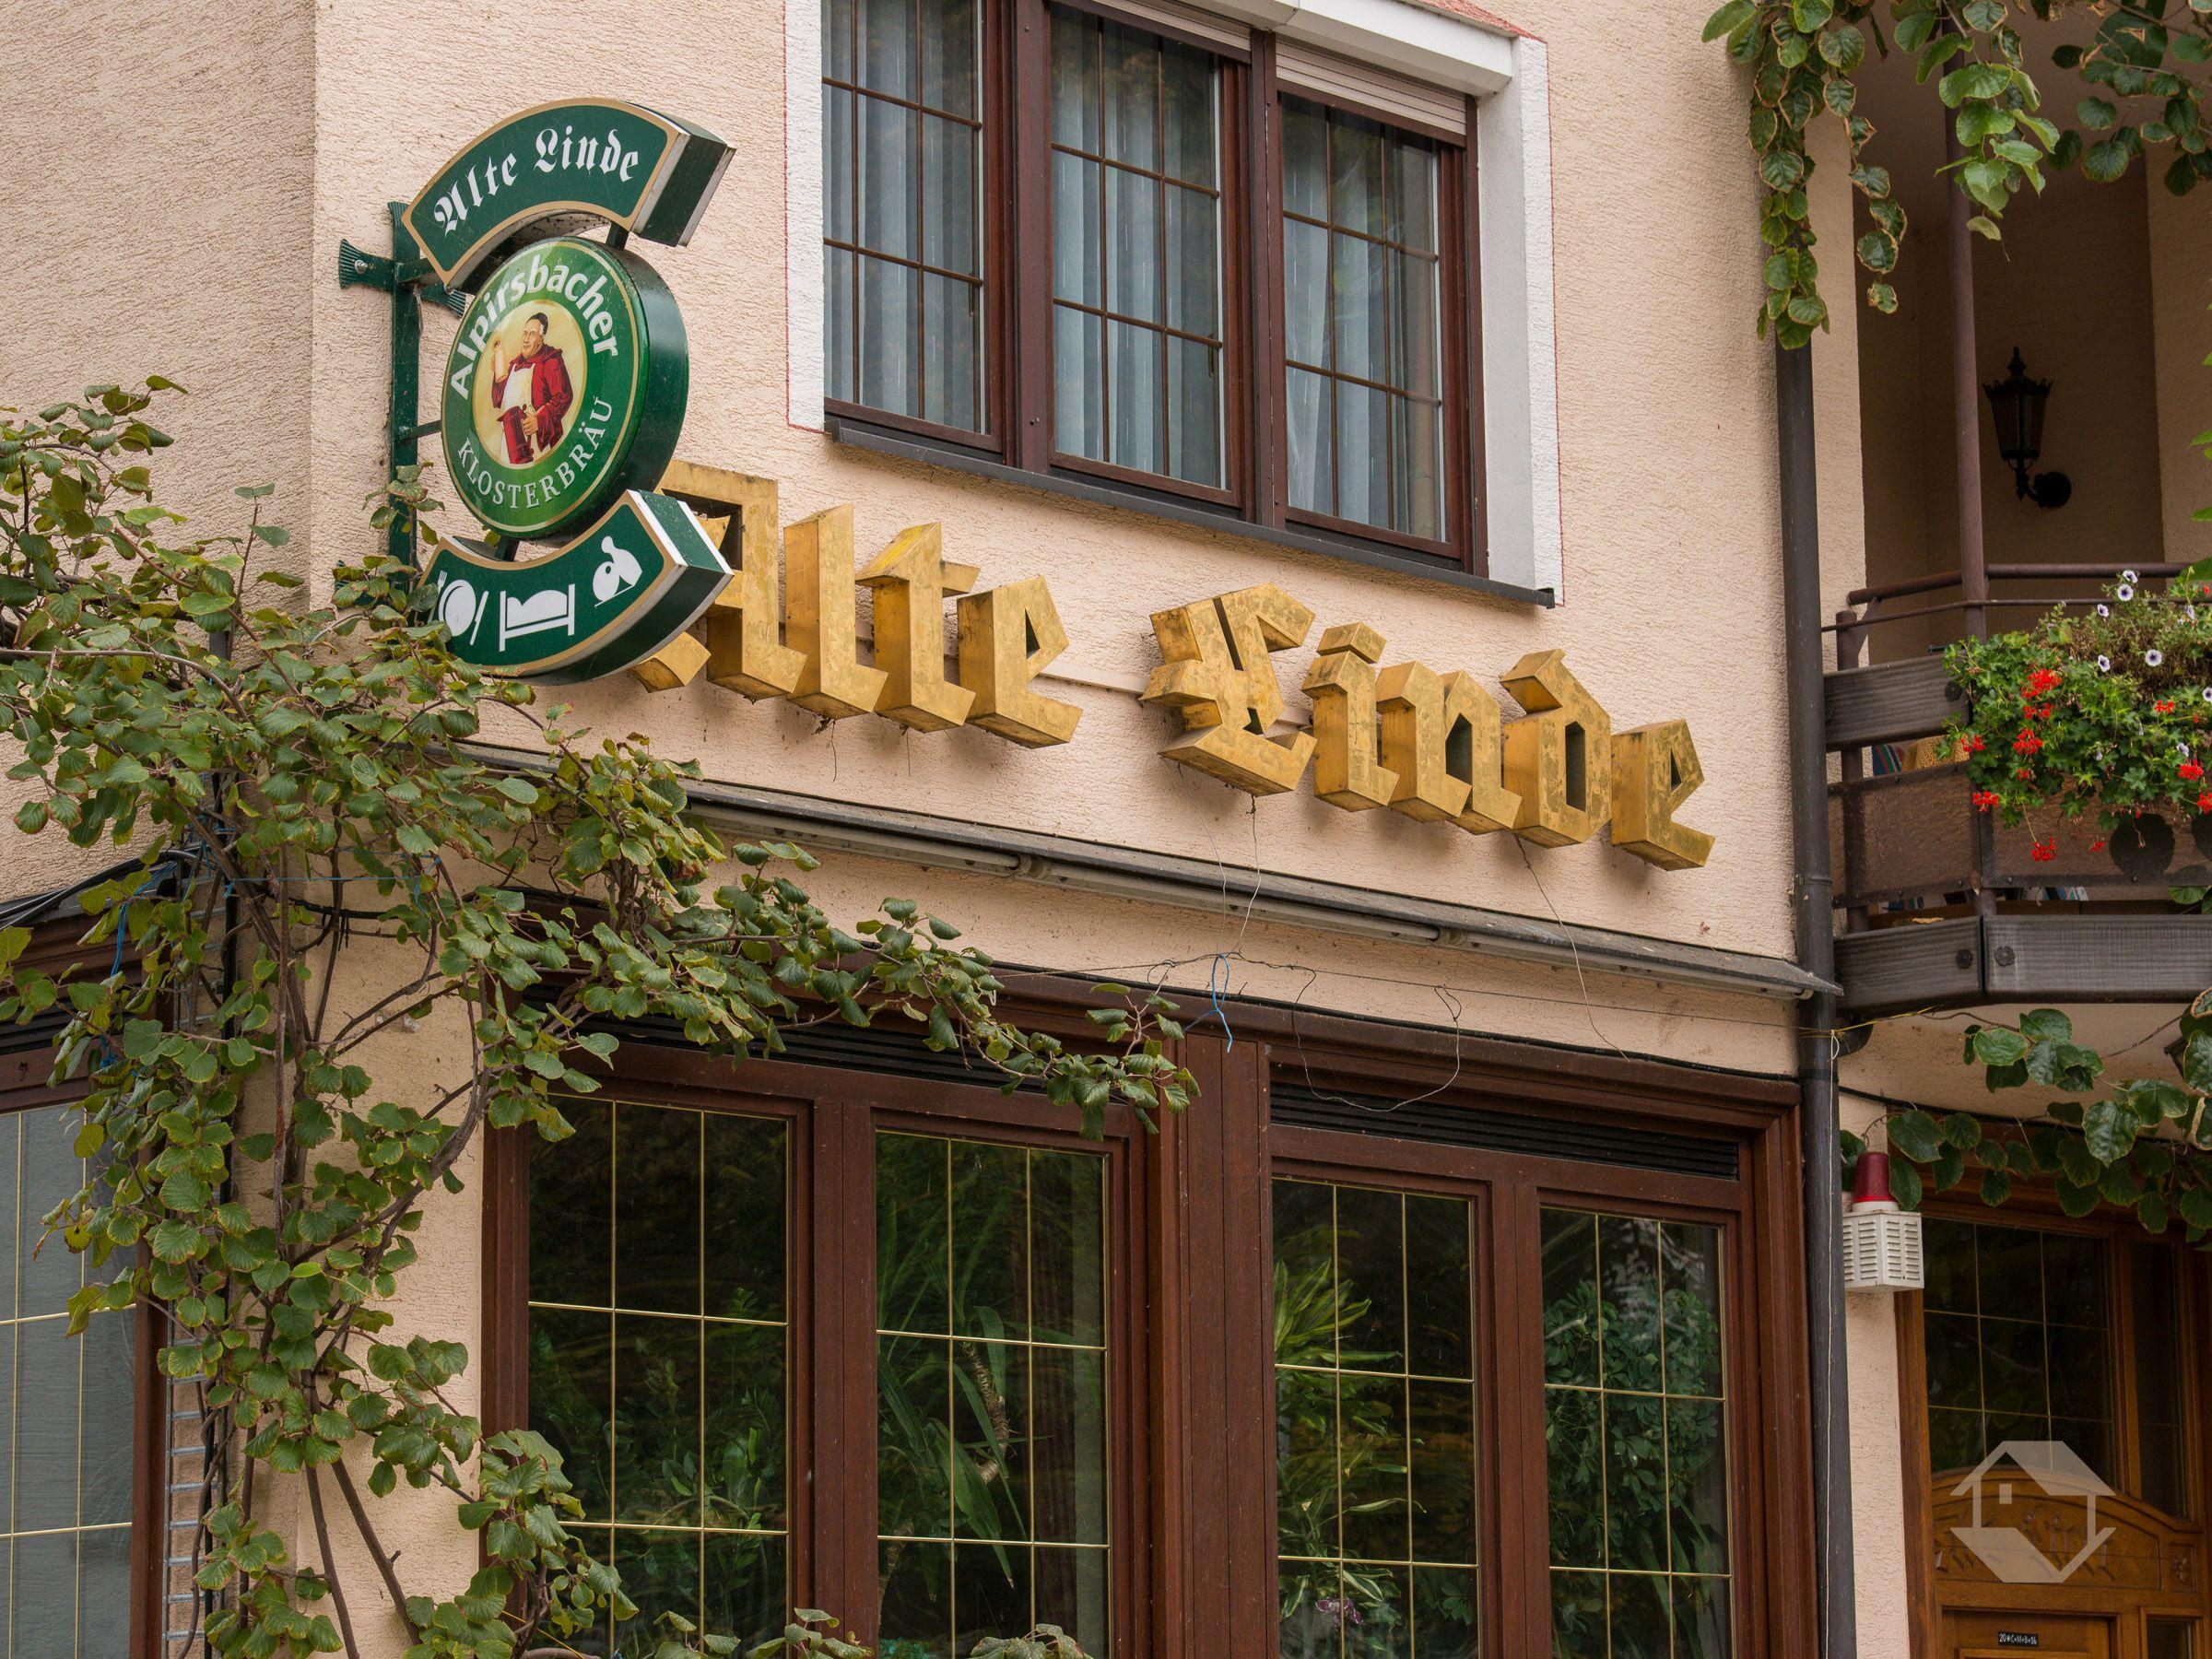 Full Size of Bad Wildbad Hotel Restaurant Alte Linde Langensalza Hotels Oeynhausen Kötzting Flinsberg Midischrank Zwischenahn Wimpfen Wandtattoo Ems In Salzuflen Bad Bad Wildbad Hotel